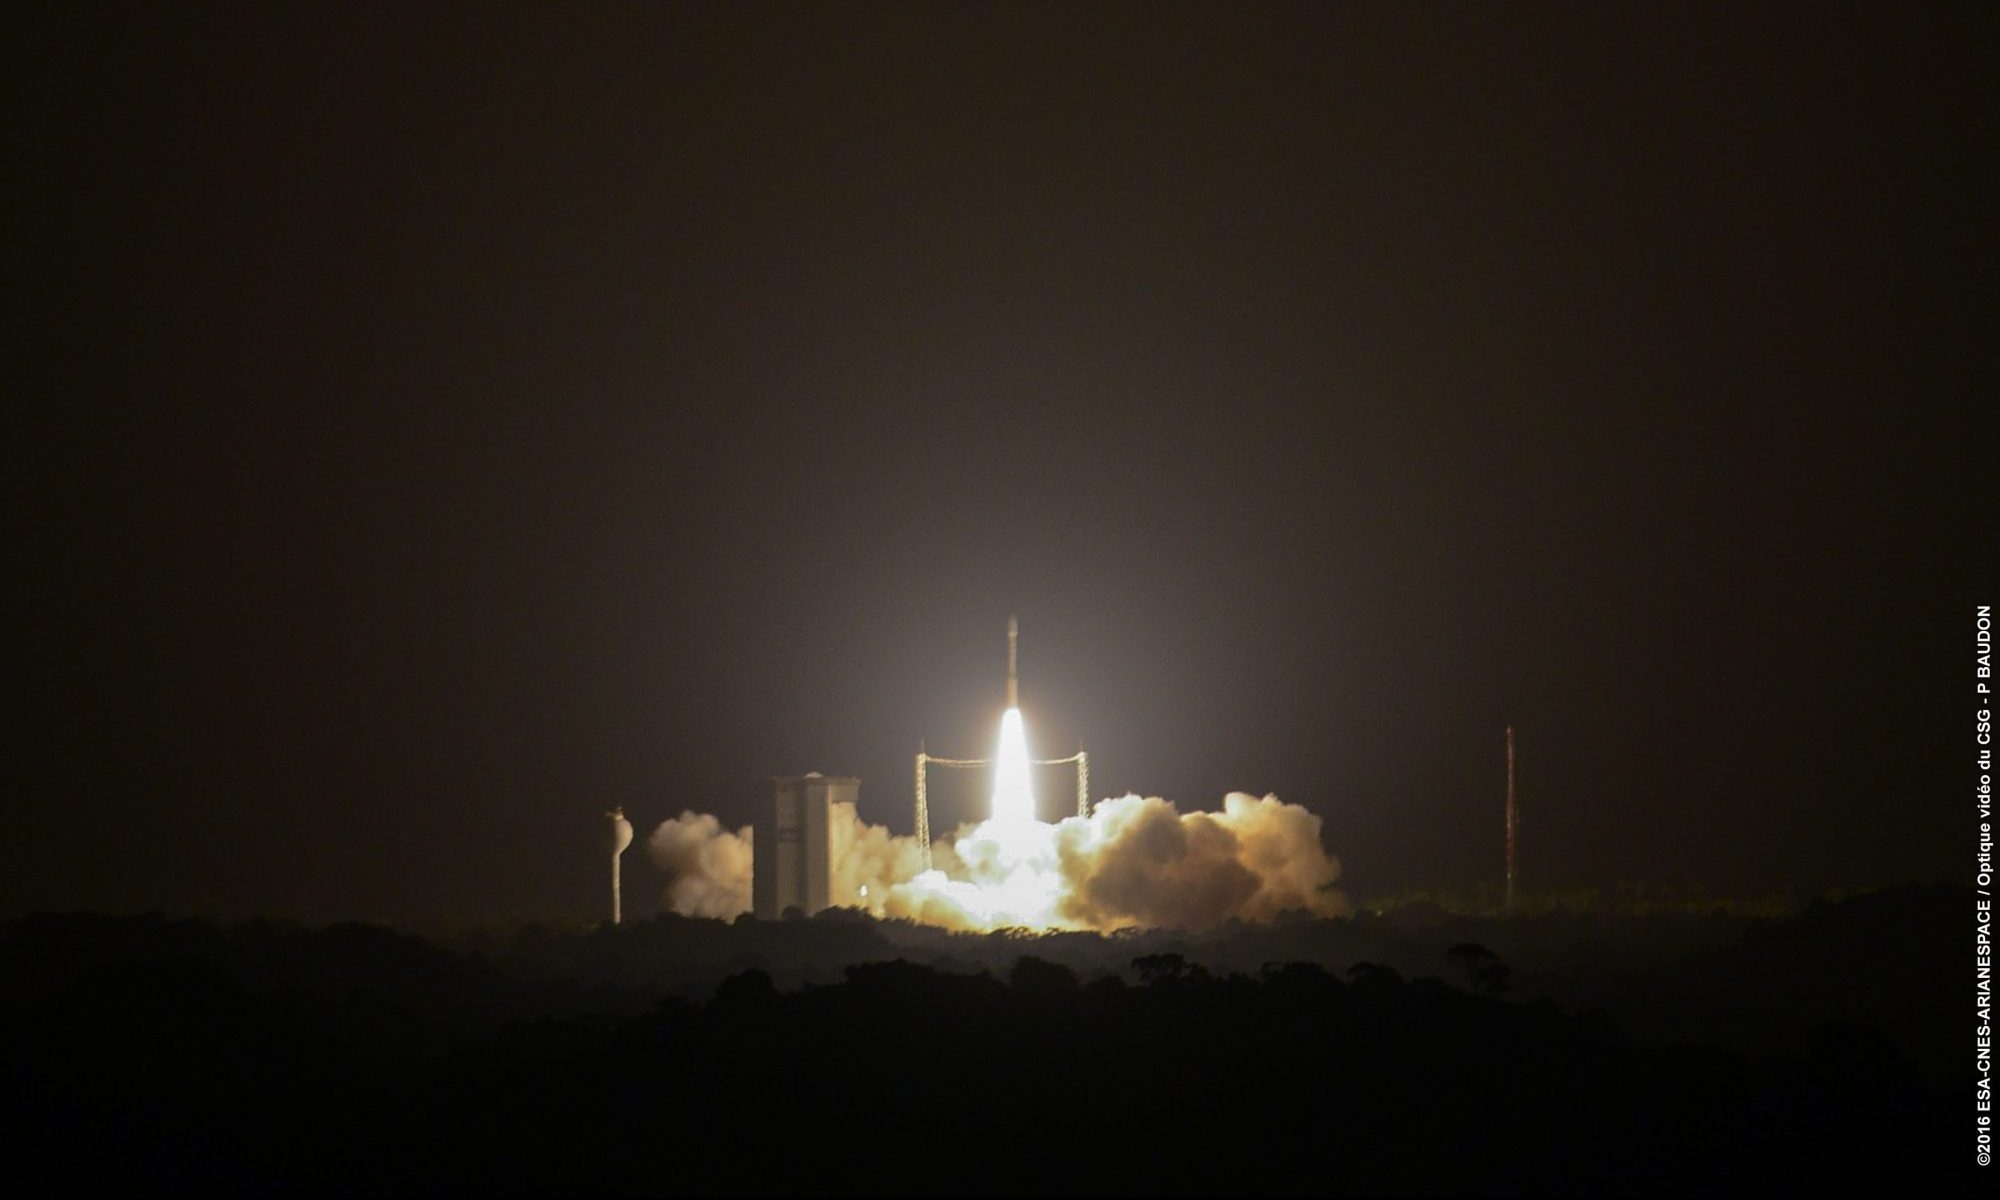 Вкосмос запущена ракета сукраинским агрегатом иаппаратурой Google наборту